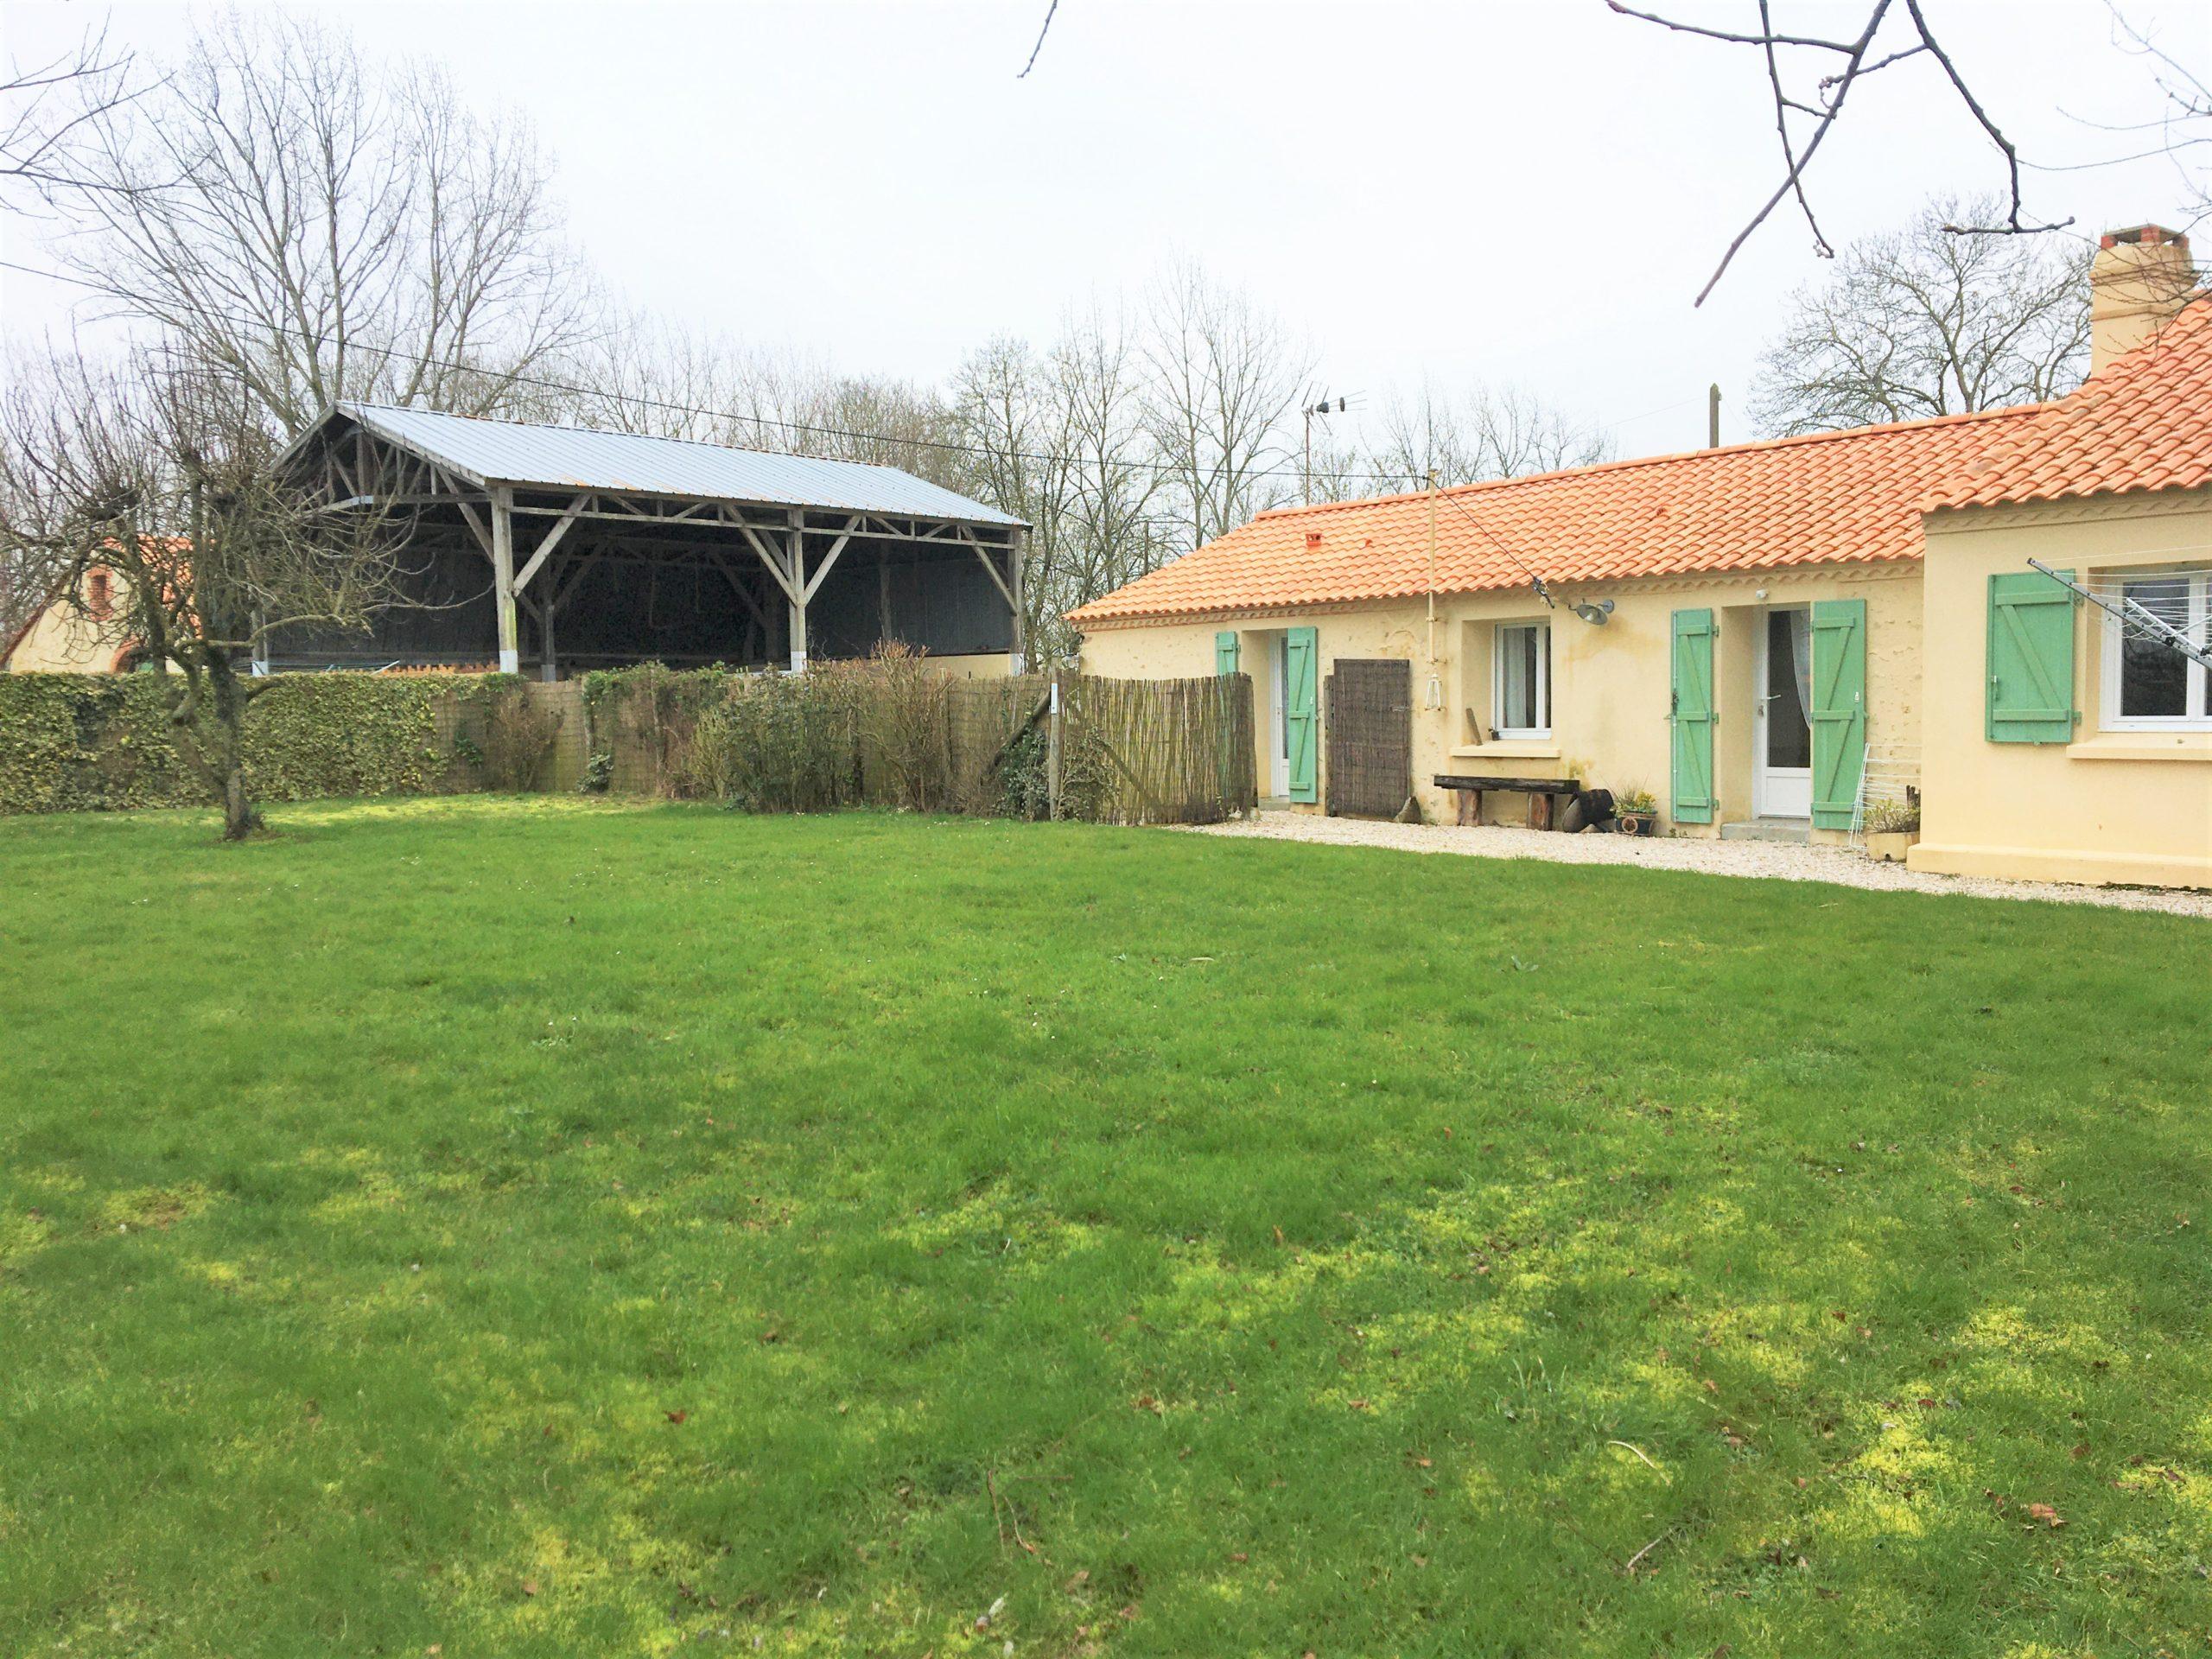 Maion  4 chambres +gite de 3 chambres et dépendances entre SAINT JEAN DE MONTS et CHALLANS